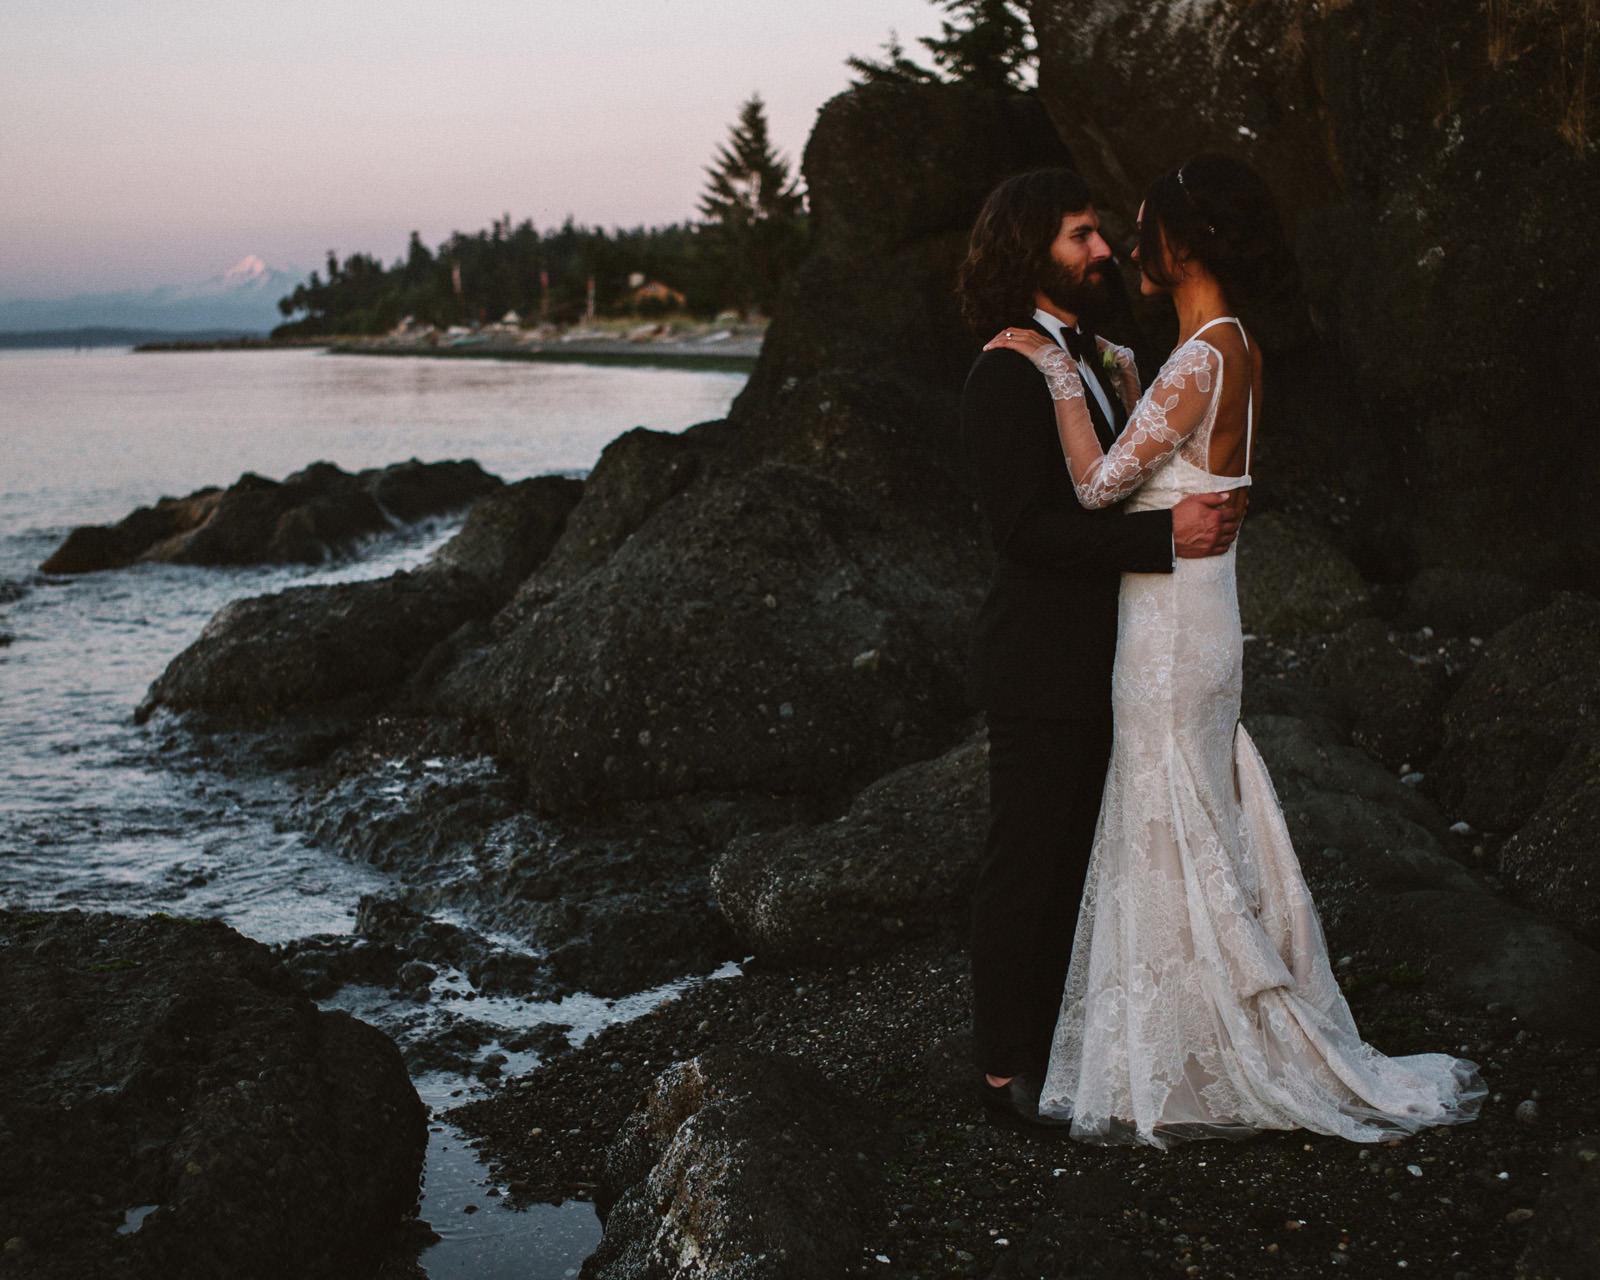 kaityjeff-blog-137 ORCAS ISLAND WEDDING